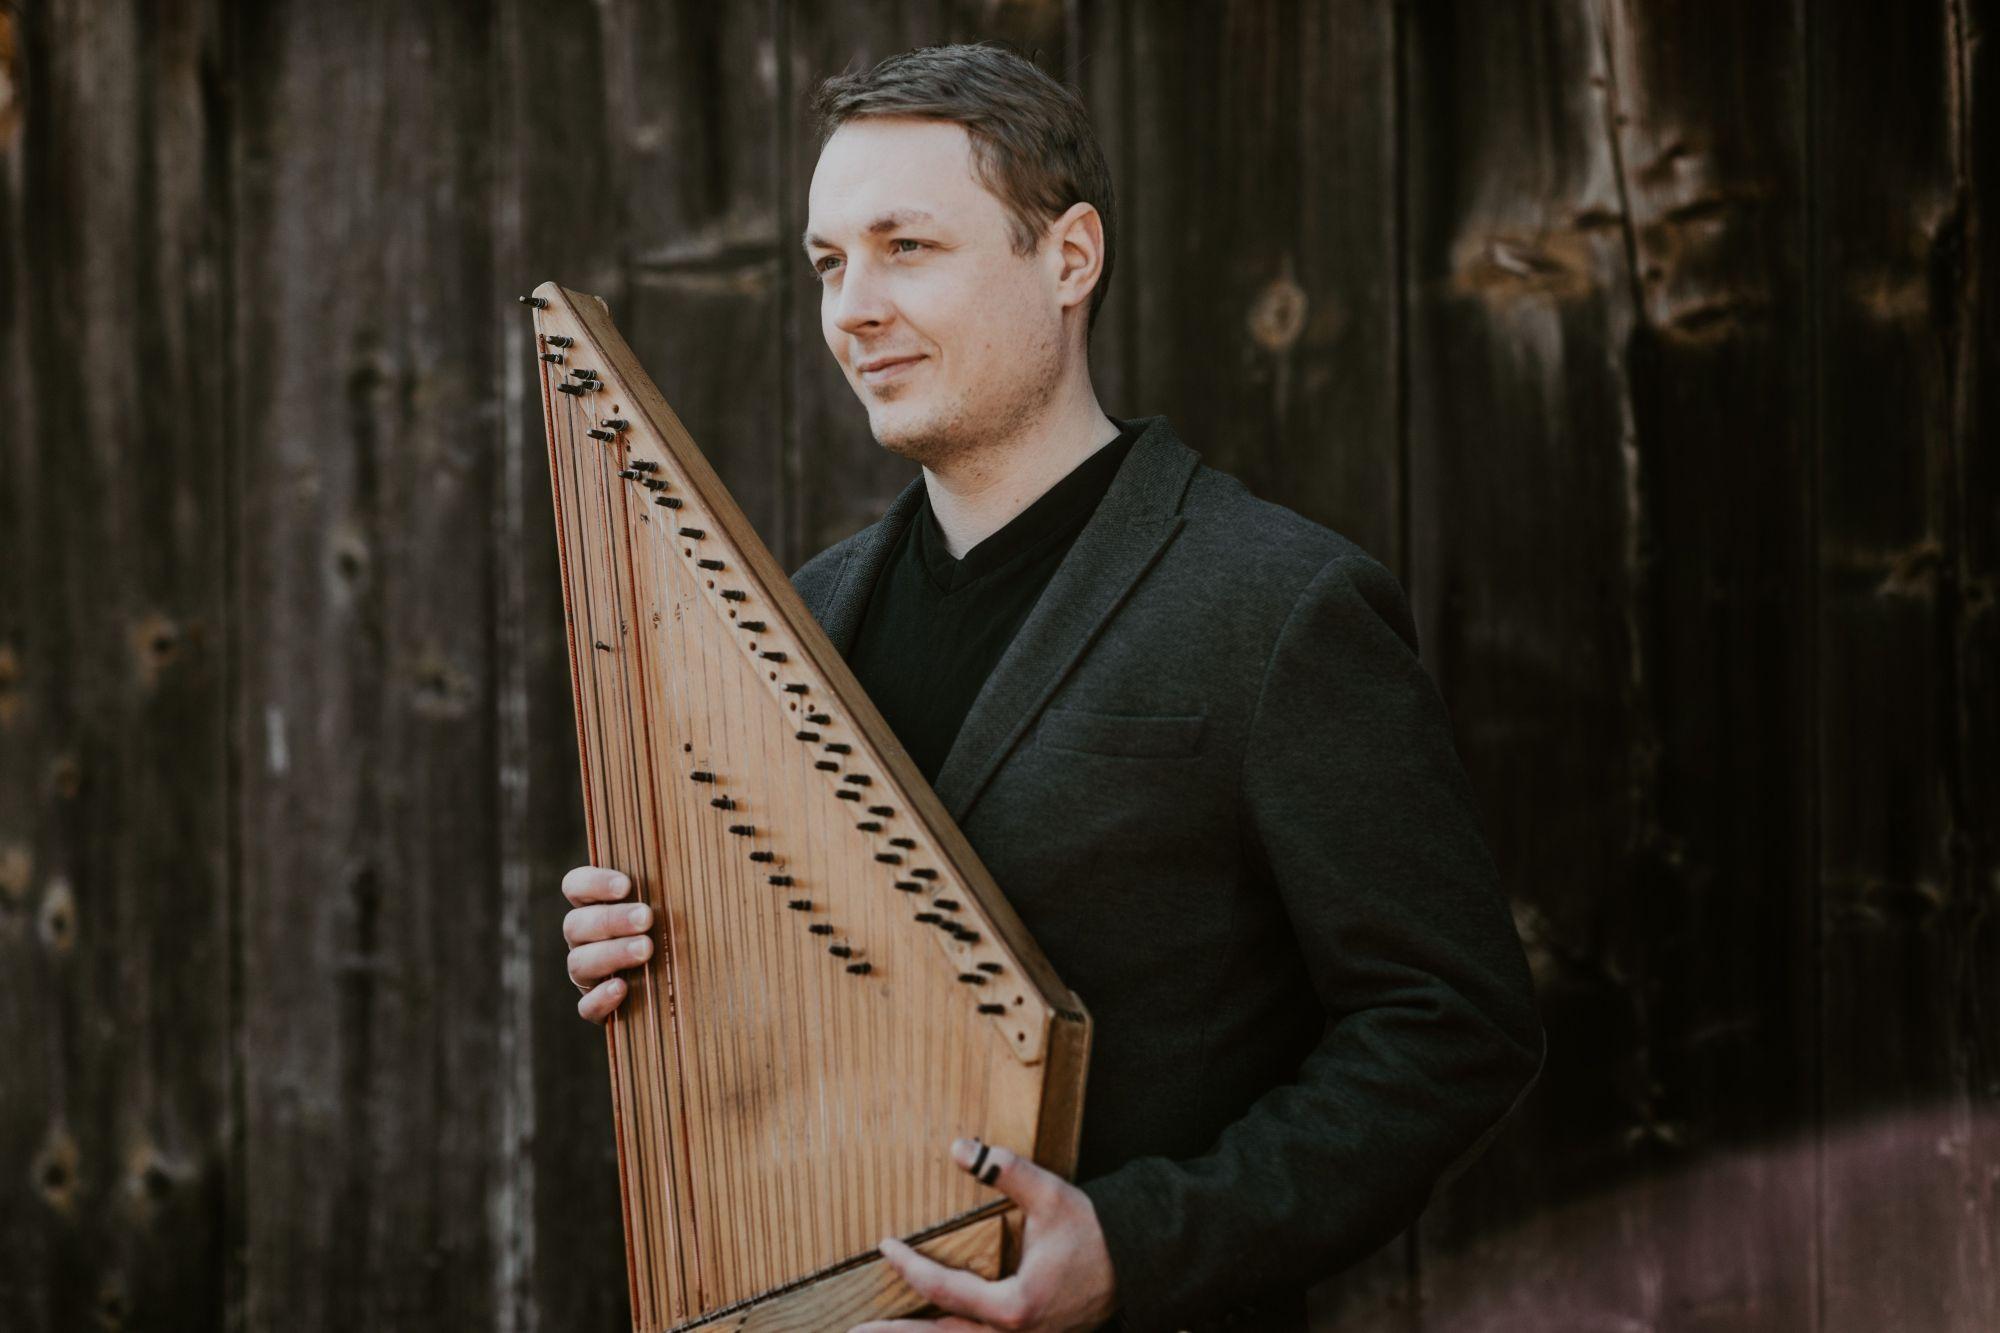 Foto: Juhan Uppin/Stina Kase